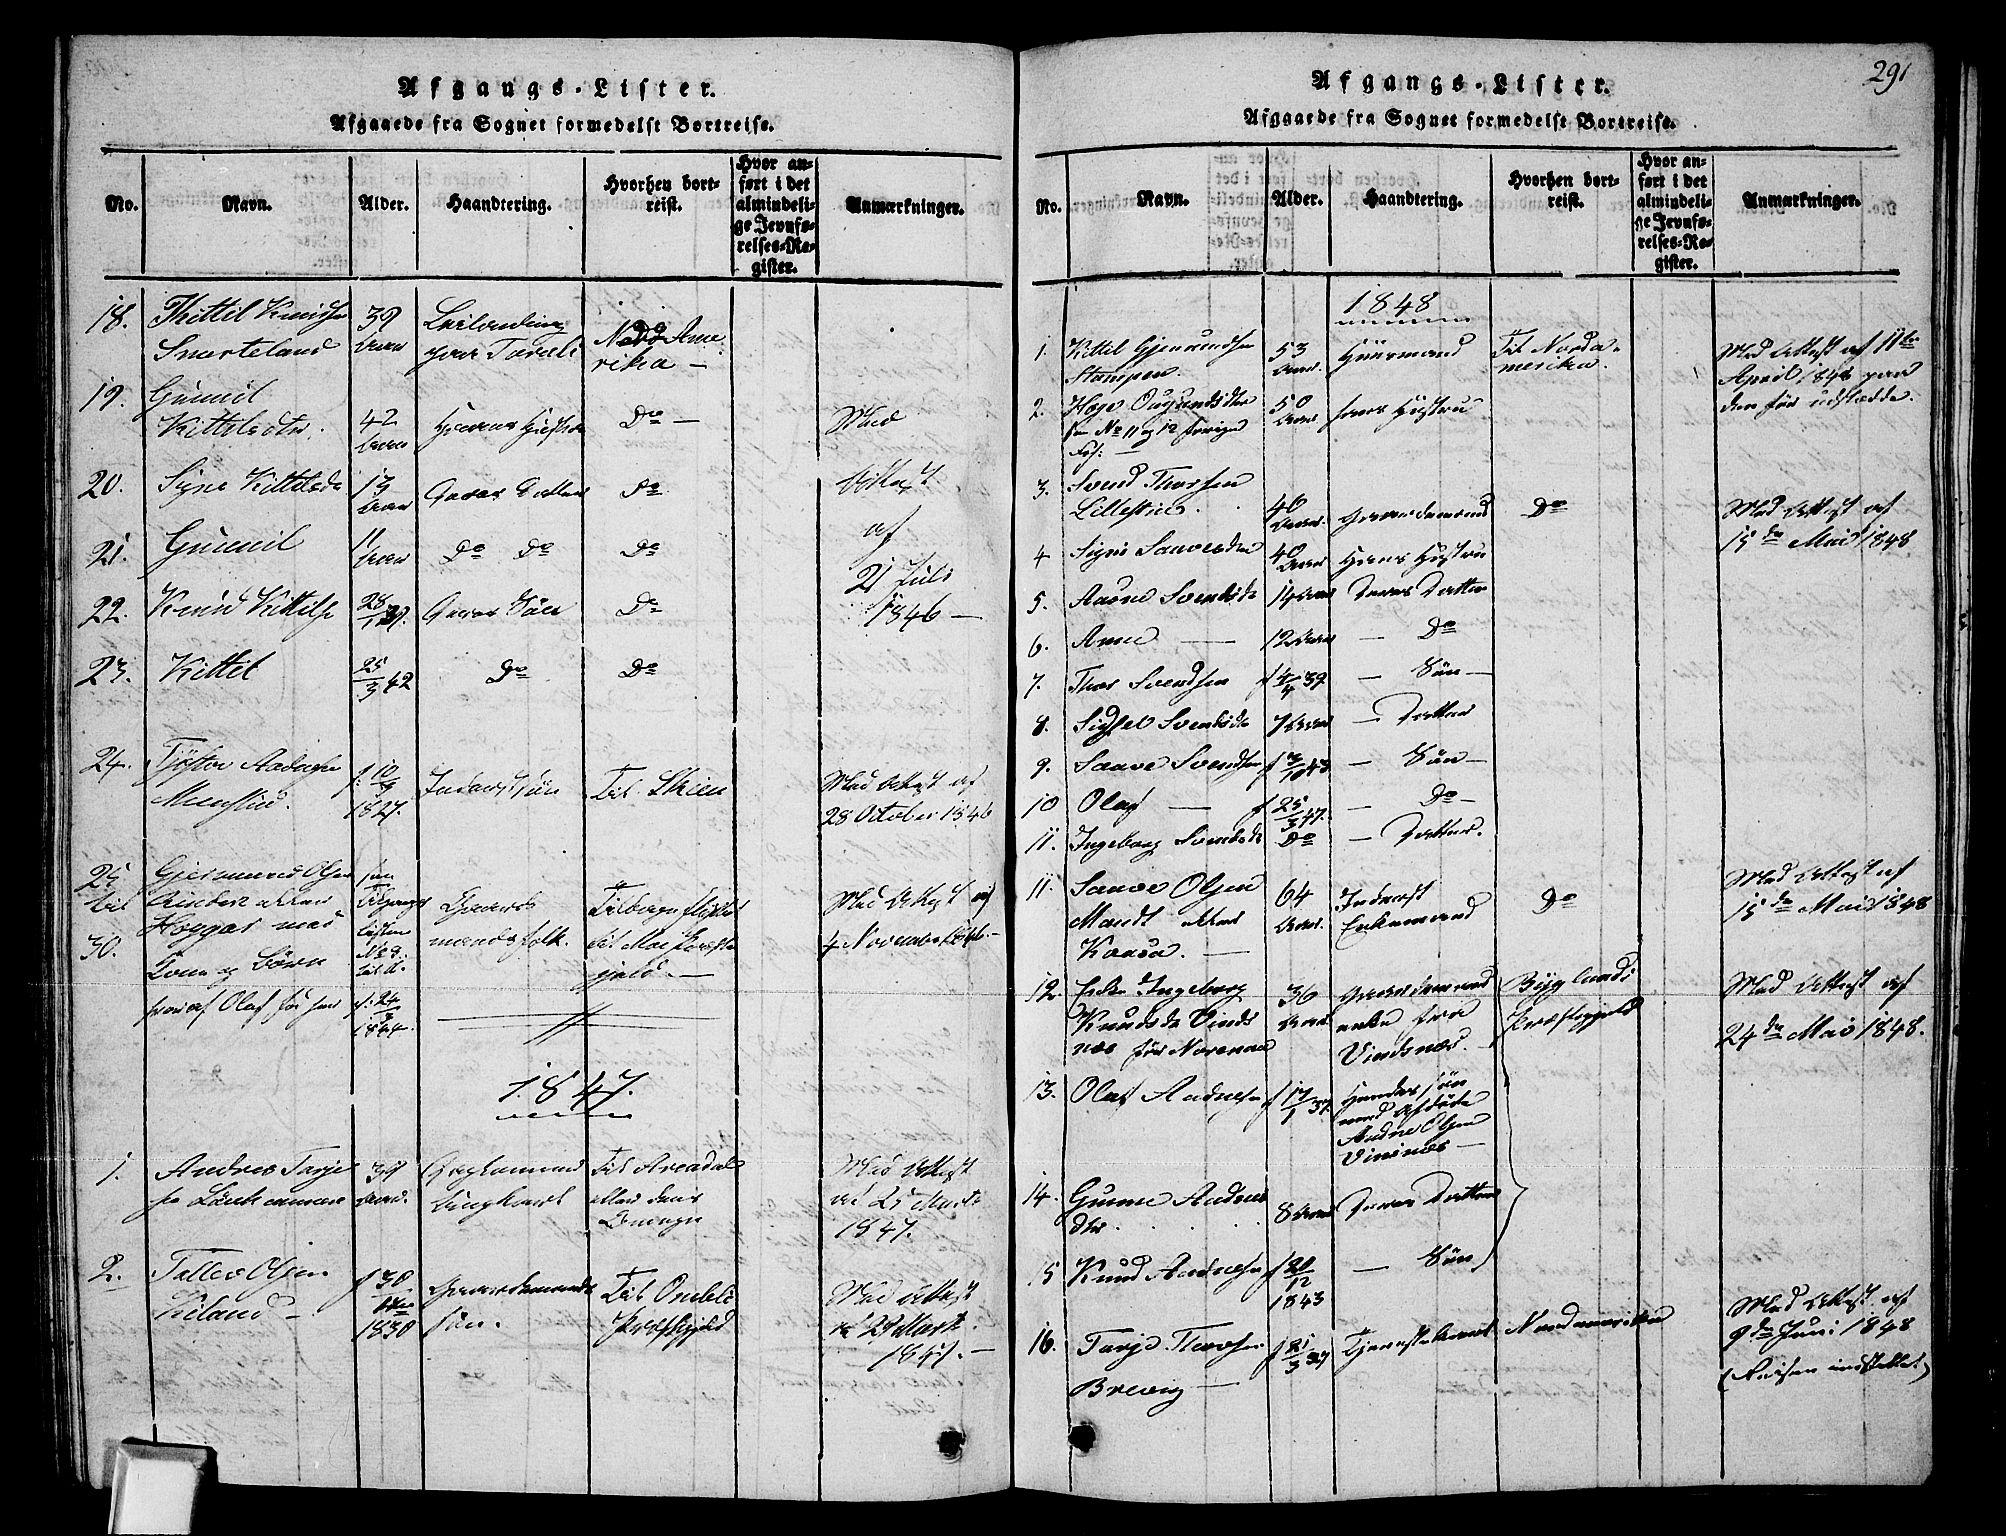 SAKO, Fyresdal kirkebøker, G/Ga/L0002: Klokkerbok nr. I 2, 1815-1857, s. 291